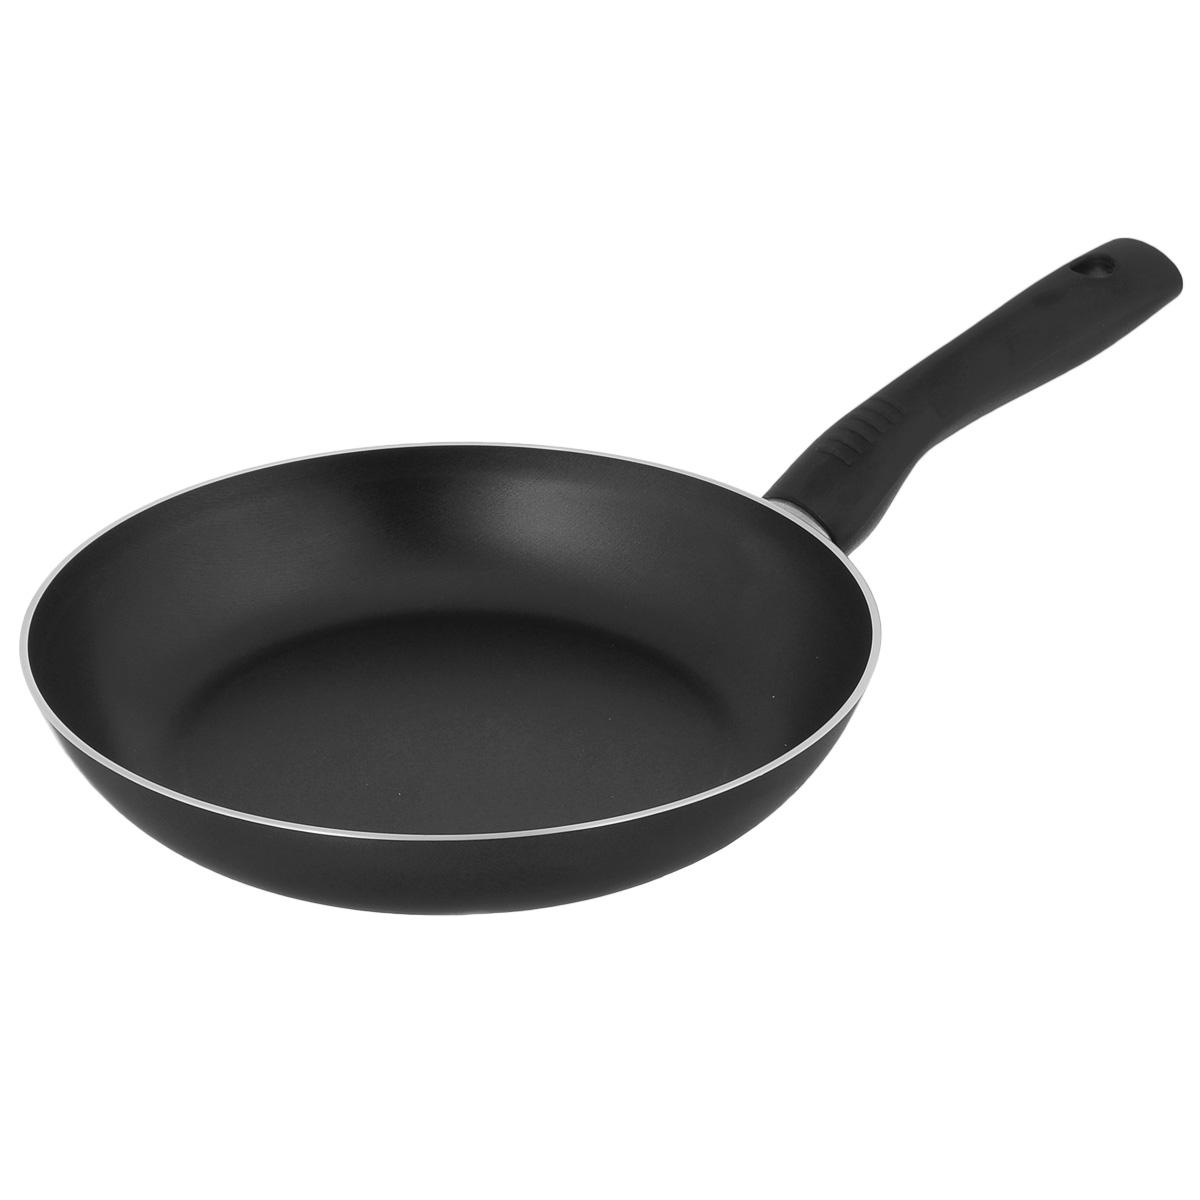 Сковорода TVS Basilico, с антипригарным покрытием, цвет: черный. Диаметр 20 см сотейник tvs basilico с двумя ручками цвет черный диаметр 24 см